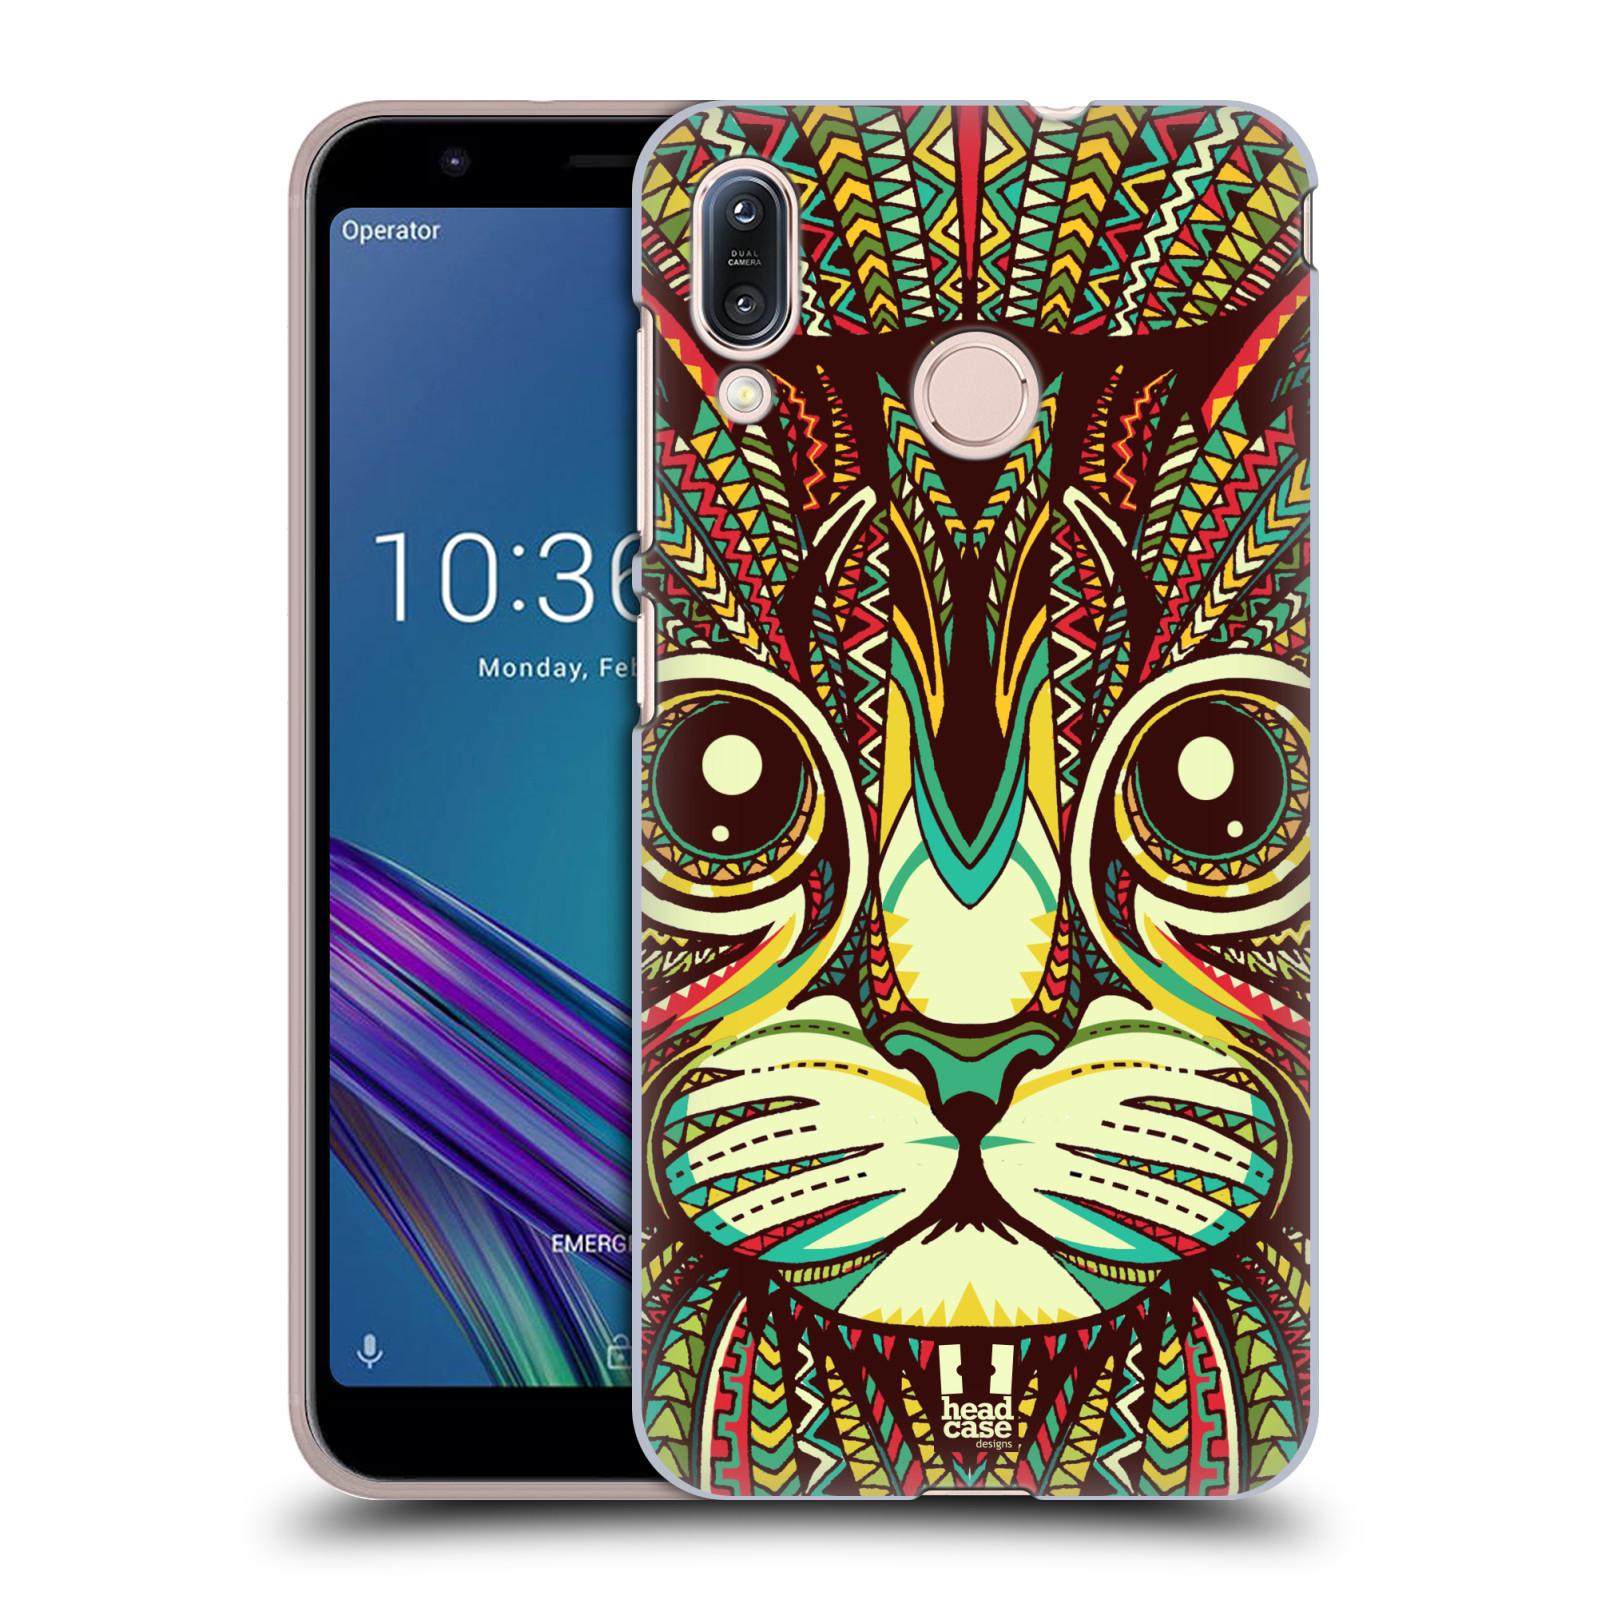 Pouzdro na mobil Asus Zenfone Max M1 (ZB555KL) - HEAD CASE - vzor Aztécký motiv zvíře 2 kotě